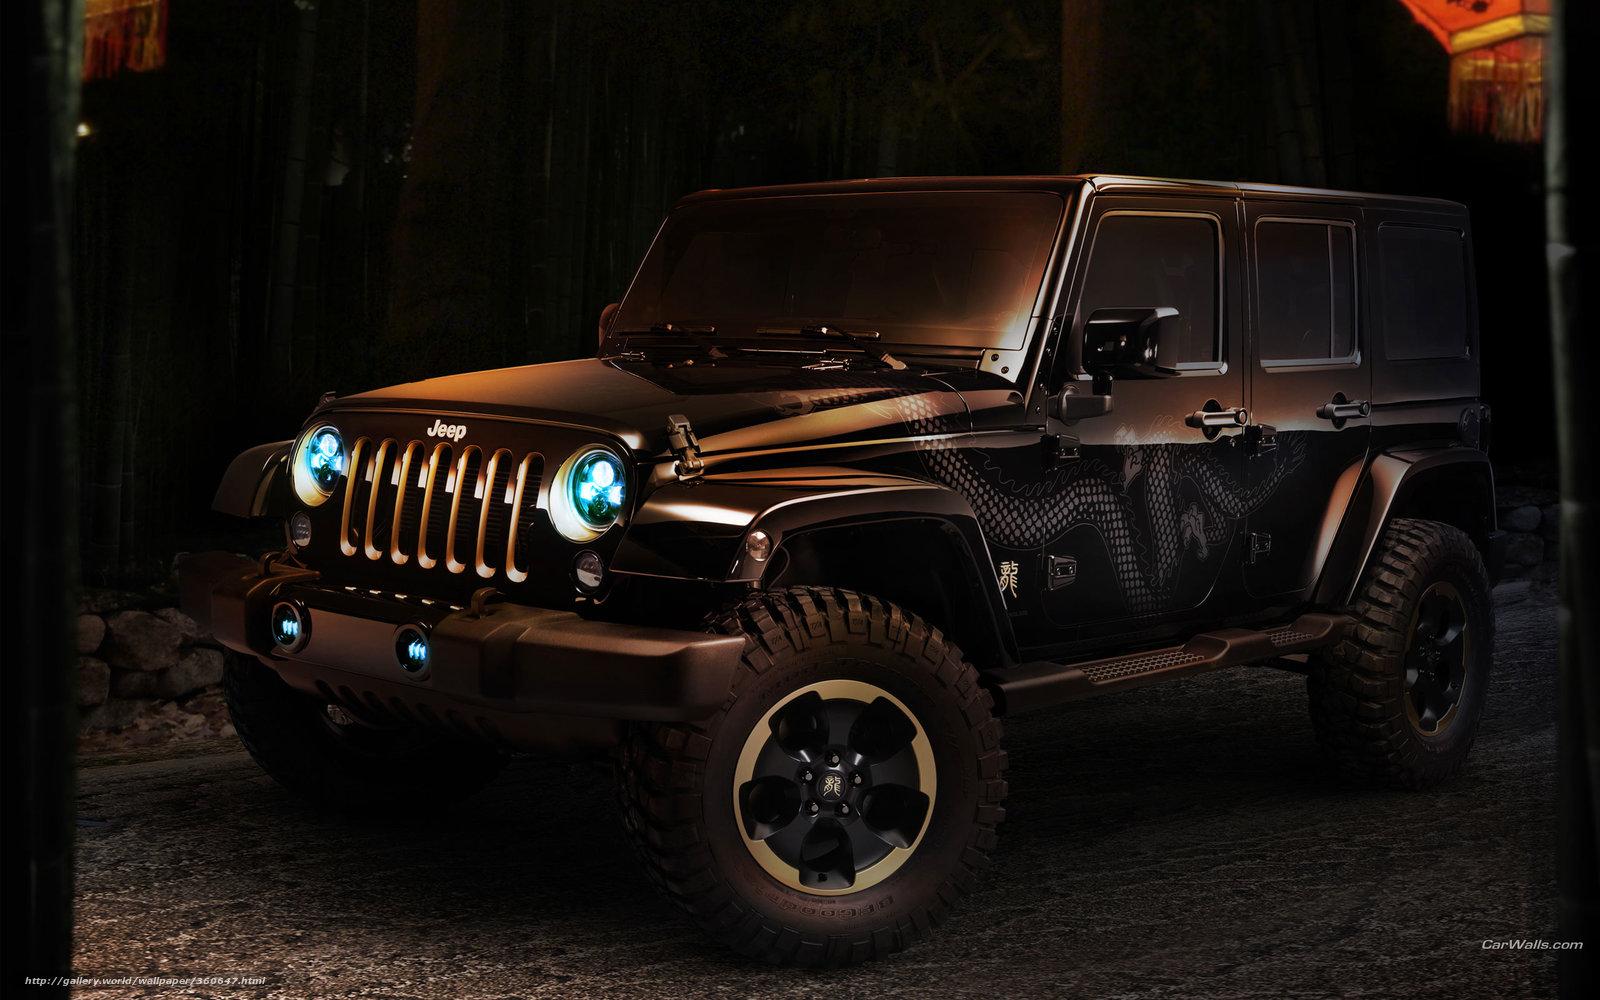 Скачать обои Jeep,  Wrangler,  авто,  машины бесплатно для рабочего стола в разрешении 2560x1600 — картинка №360647